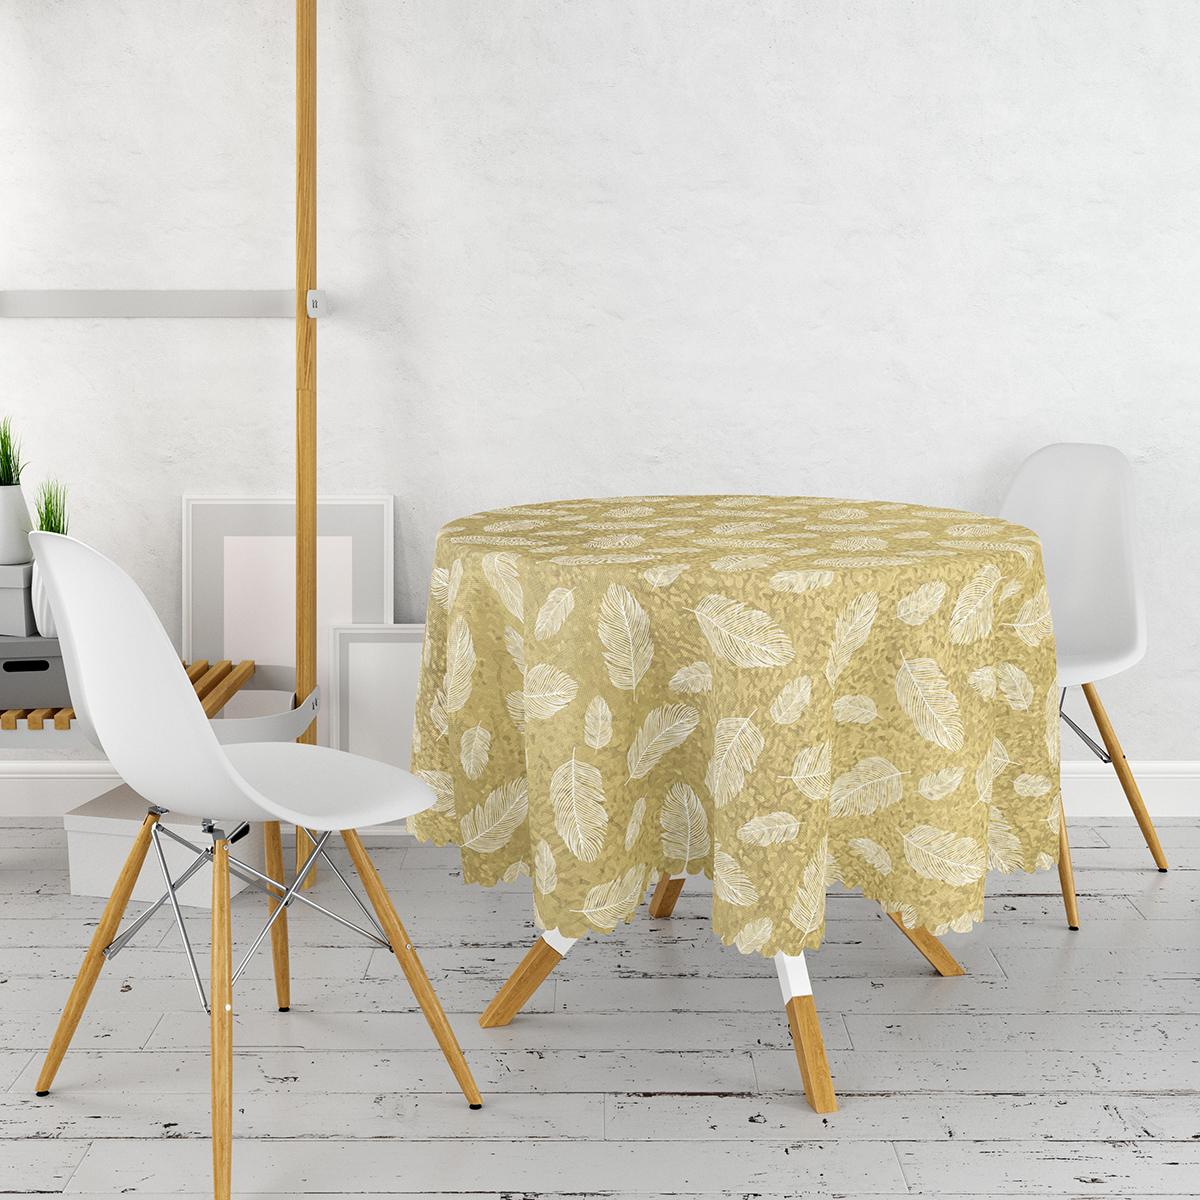 Gold Zemin Üzerinde Beyaz Renkli Yaprak Desenli Modern Yuvarlak Masa Örtüsü - Çap 140cm Realhomes